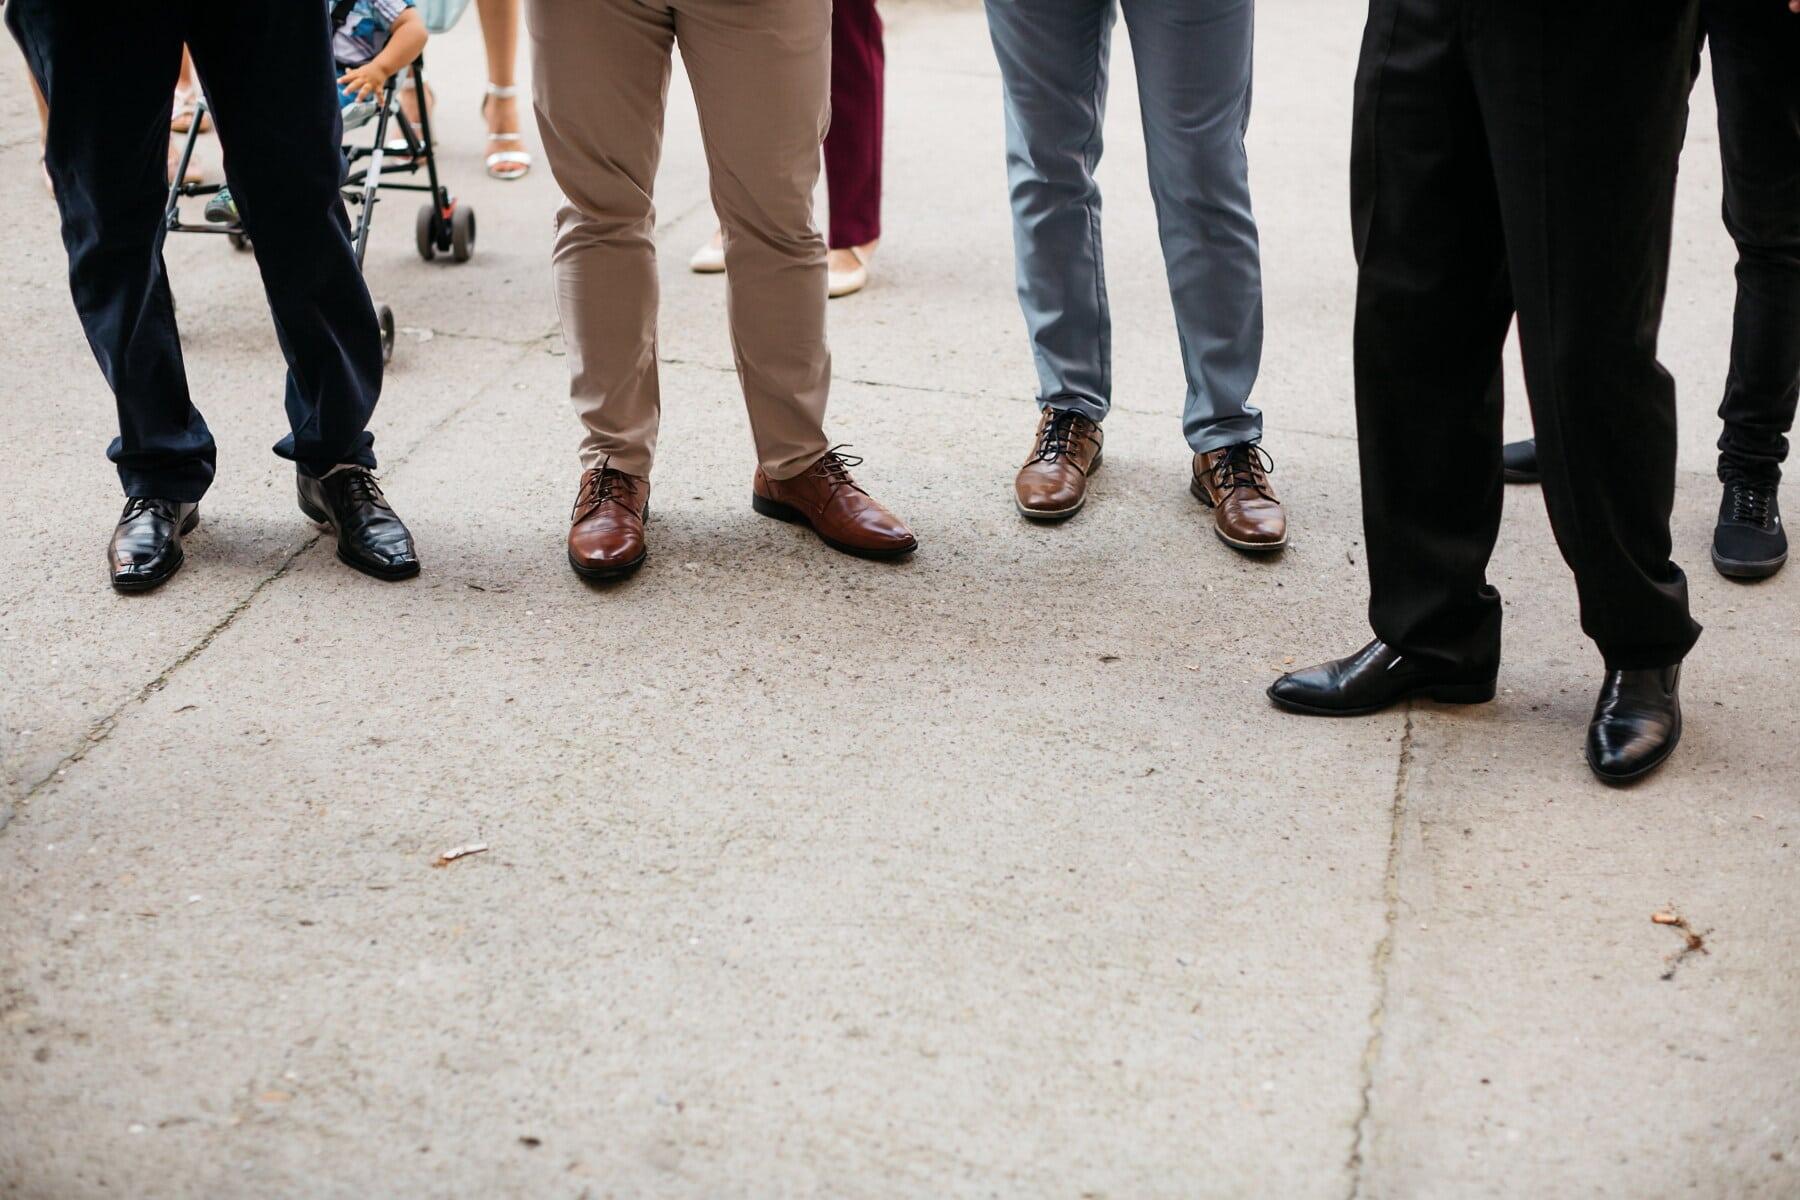 Schuhe, Leder, Hose, Klassiker, Beine, Gruppe, Männer, Outfit, Schuhe, Straße